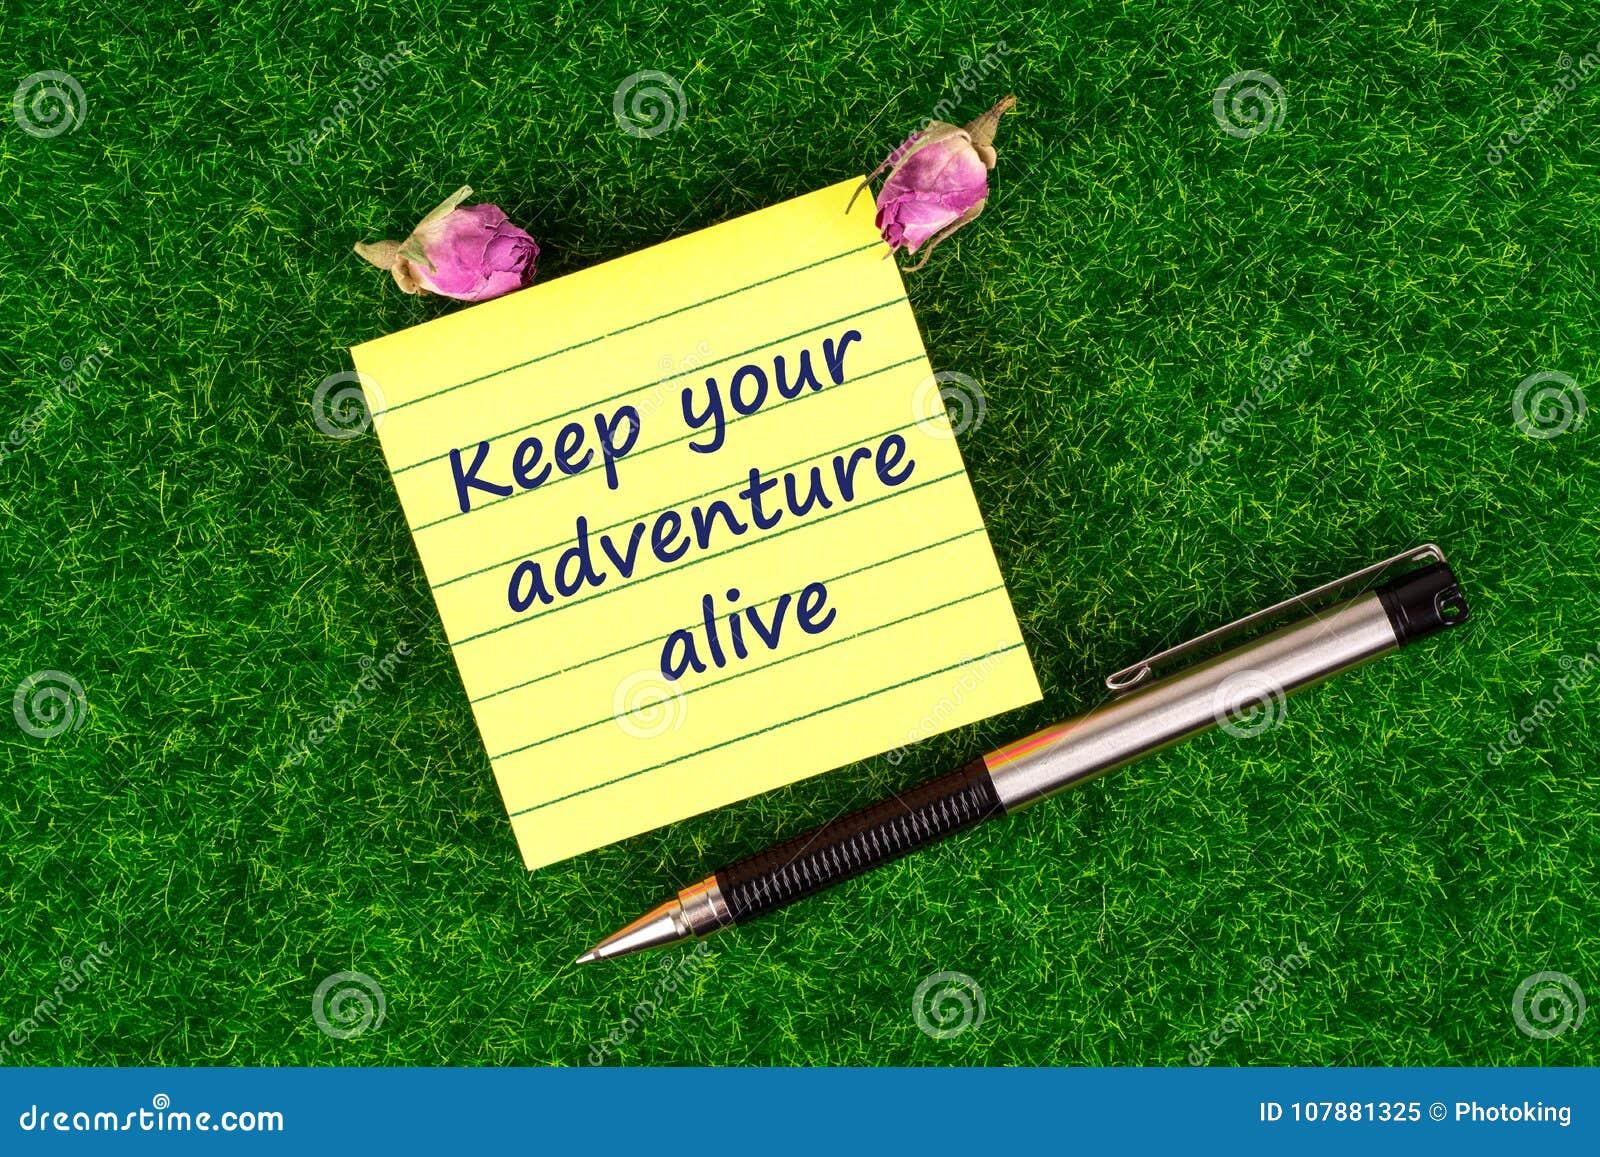 Houd uw avontuur levend